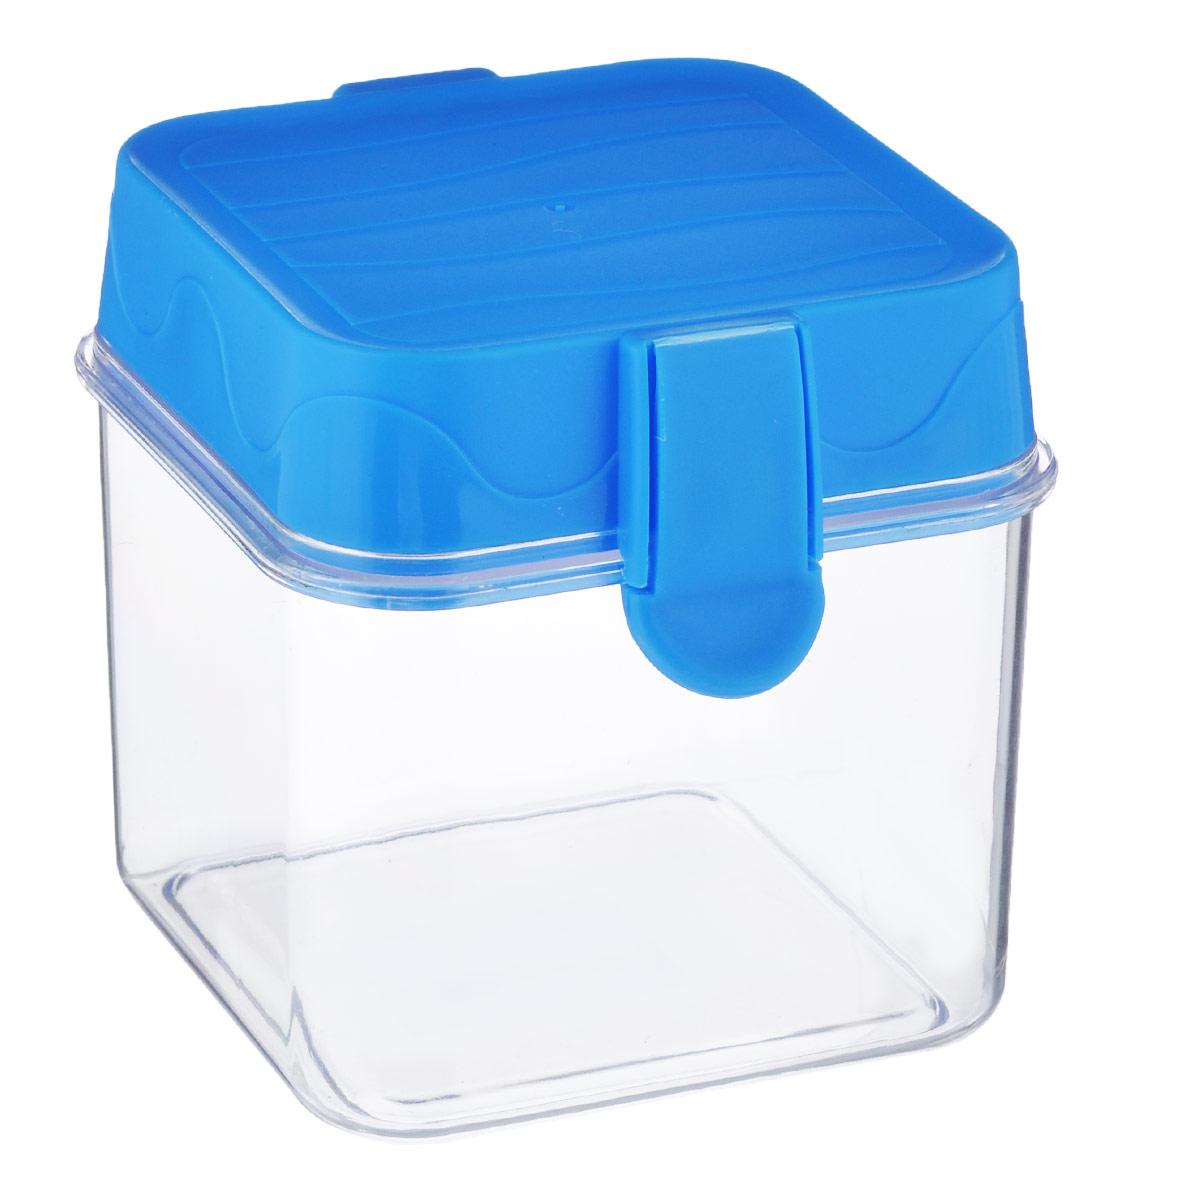 Банка для сыпучих продуктов Oriental Way, цвет: прозрачный, голубой, 650 мл7819_голубойБанка для сыпучих продуктов Oriental way, изготовленная из высококачественного пластика, станет незаменимым помощником на любой кухне. В ней будет удобно хранить сыпучие продукты, такие как чай, кофе, соль, сахар, крупы, макароны и прочее. Емкость плотно закрывается пластиковой крышкой с помощью двух защелок (клипс). Яркий дизайн банки позволит украсить любую кухню, внеся разнообразие, как в строгий классический стиль, так и в современный кухонный интерьер.